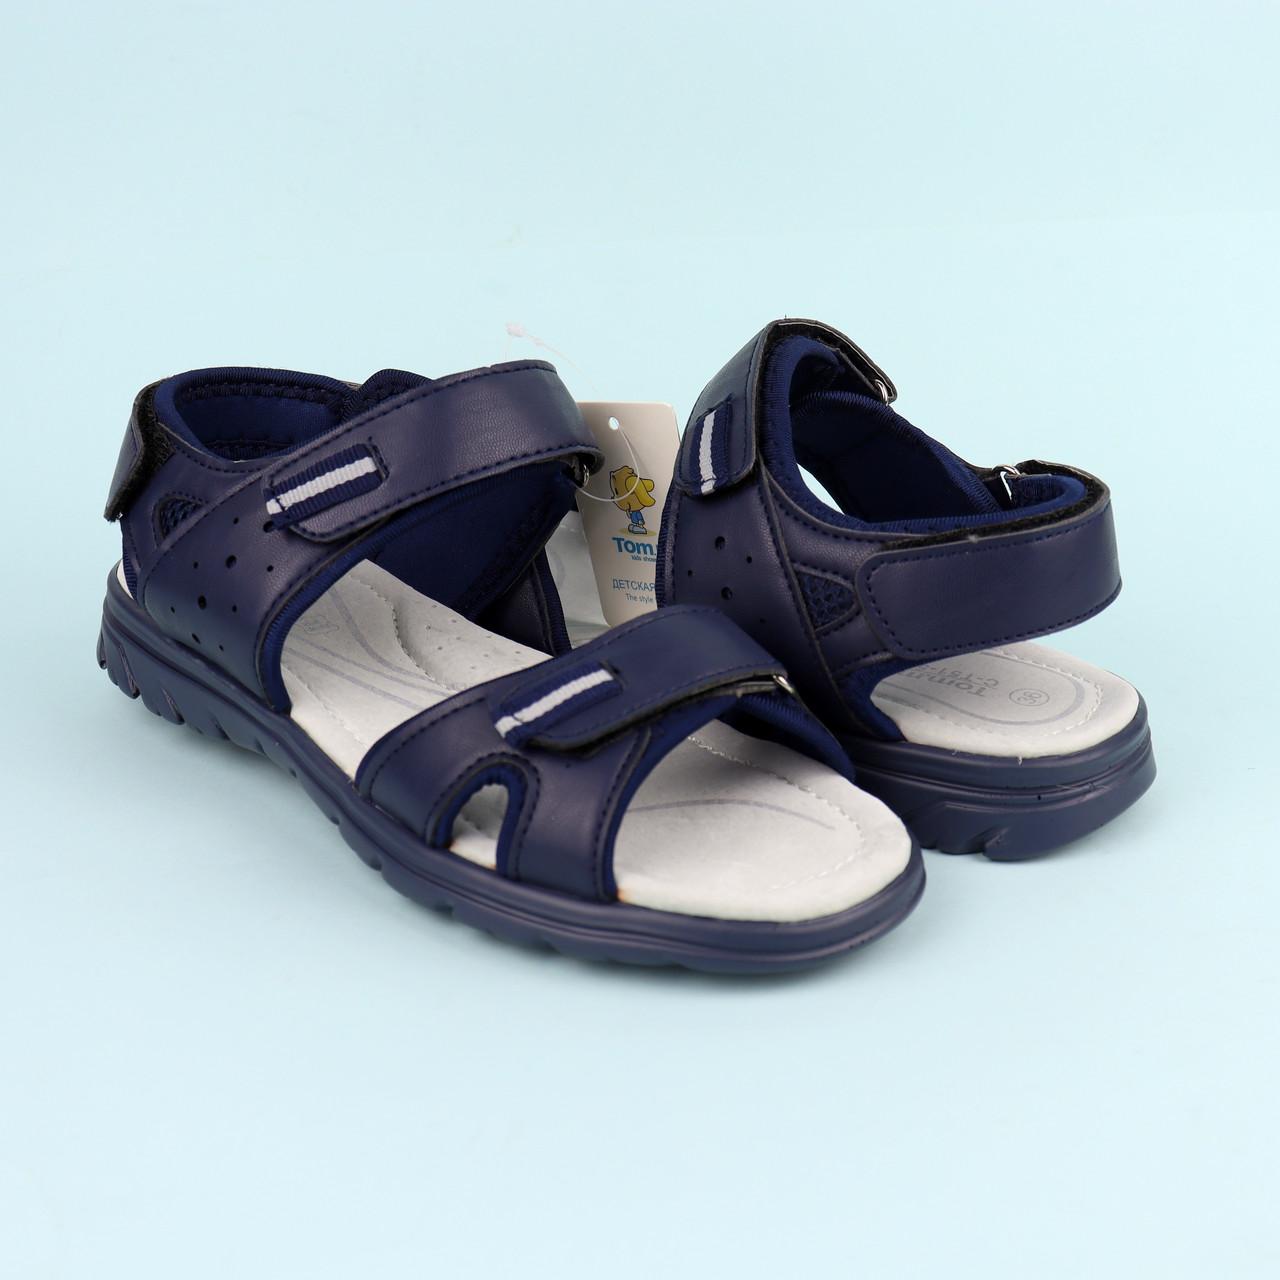 Подростковые сандалии босоножки для мальчика бренд TOMM размеры 36,37,38,40